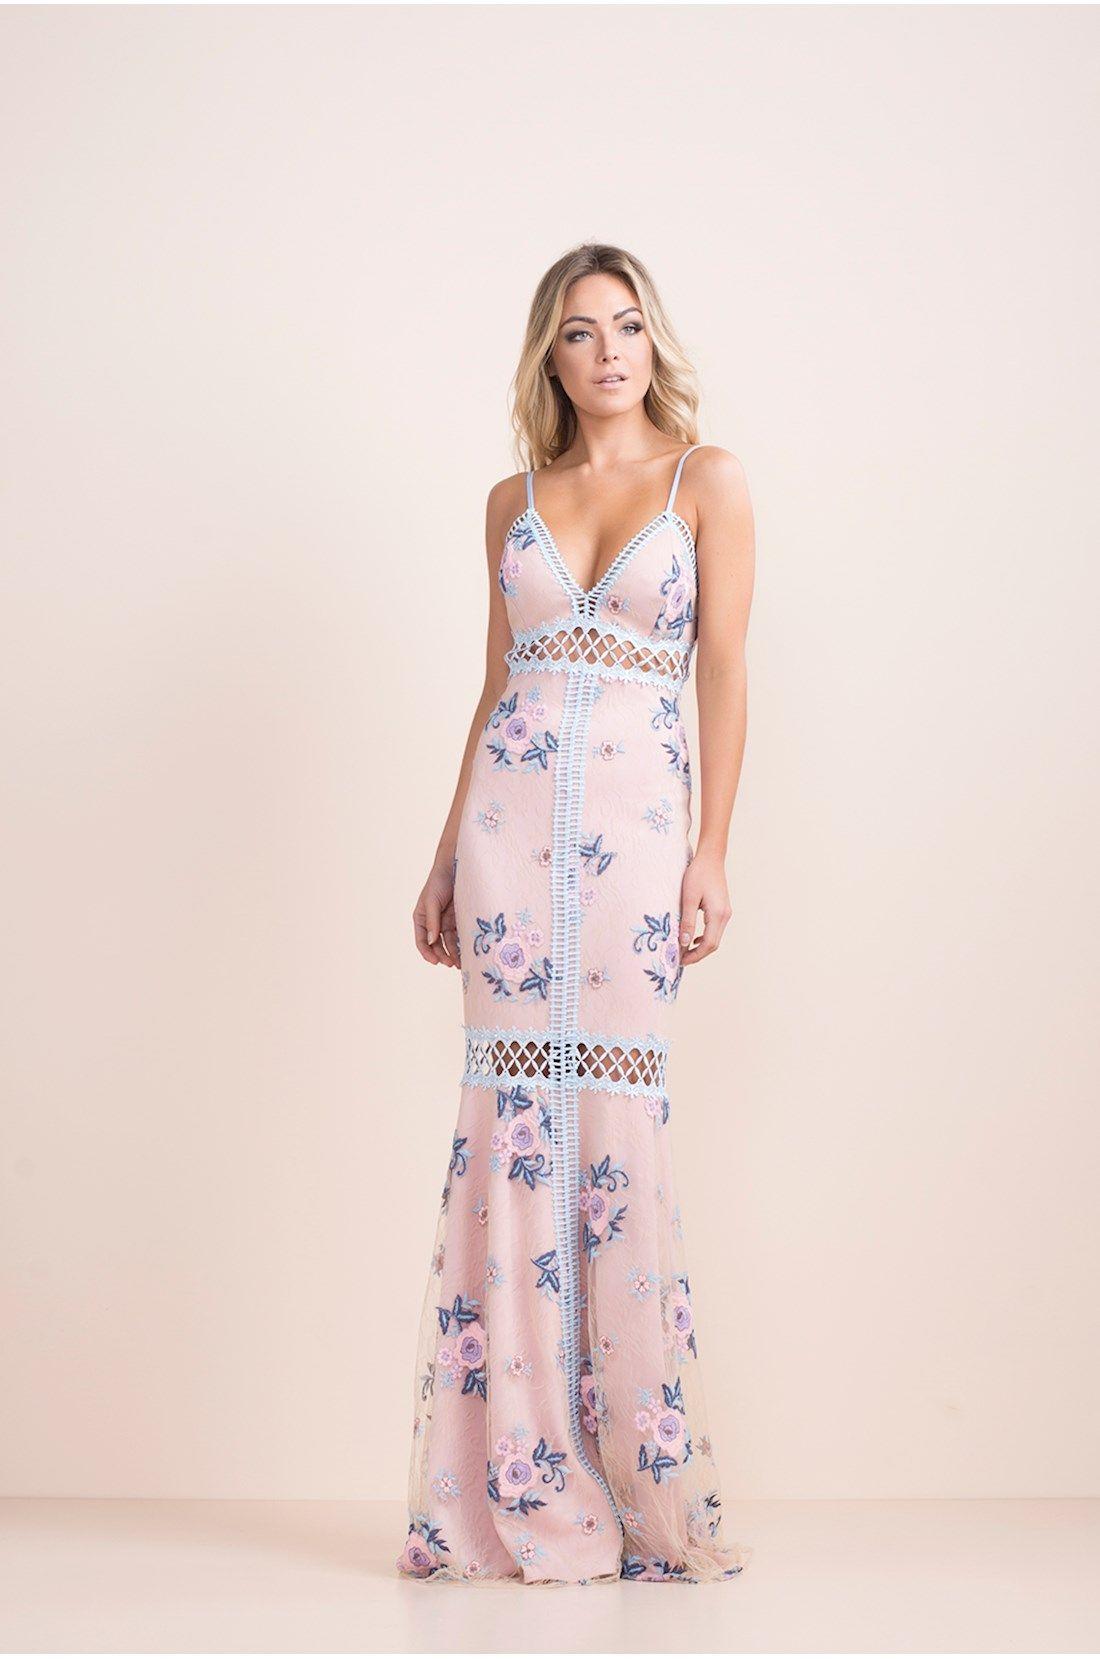 6643b4106 Vestido longo em tule rosa com bordado de flores e renda azul no decote